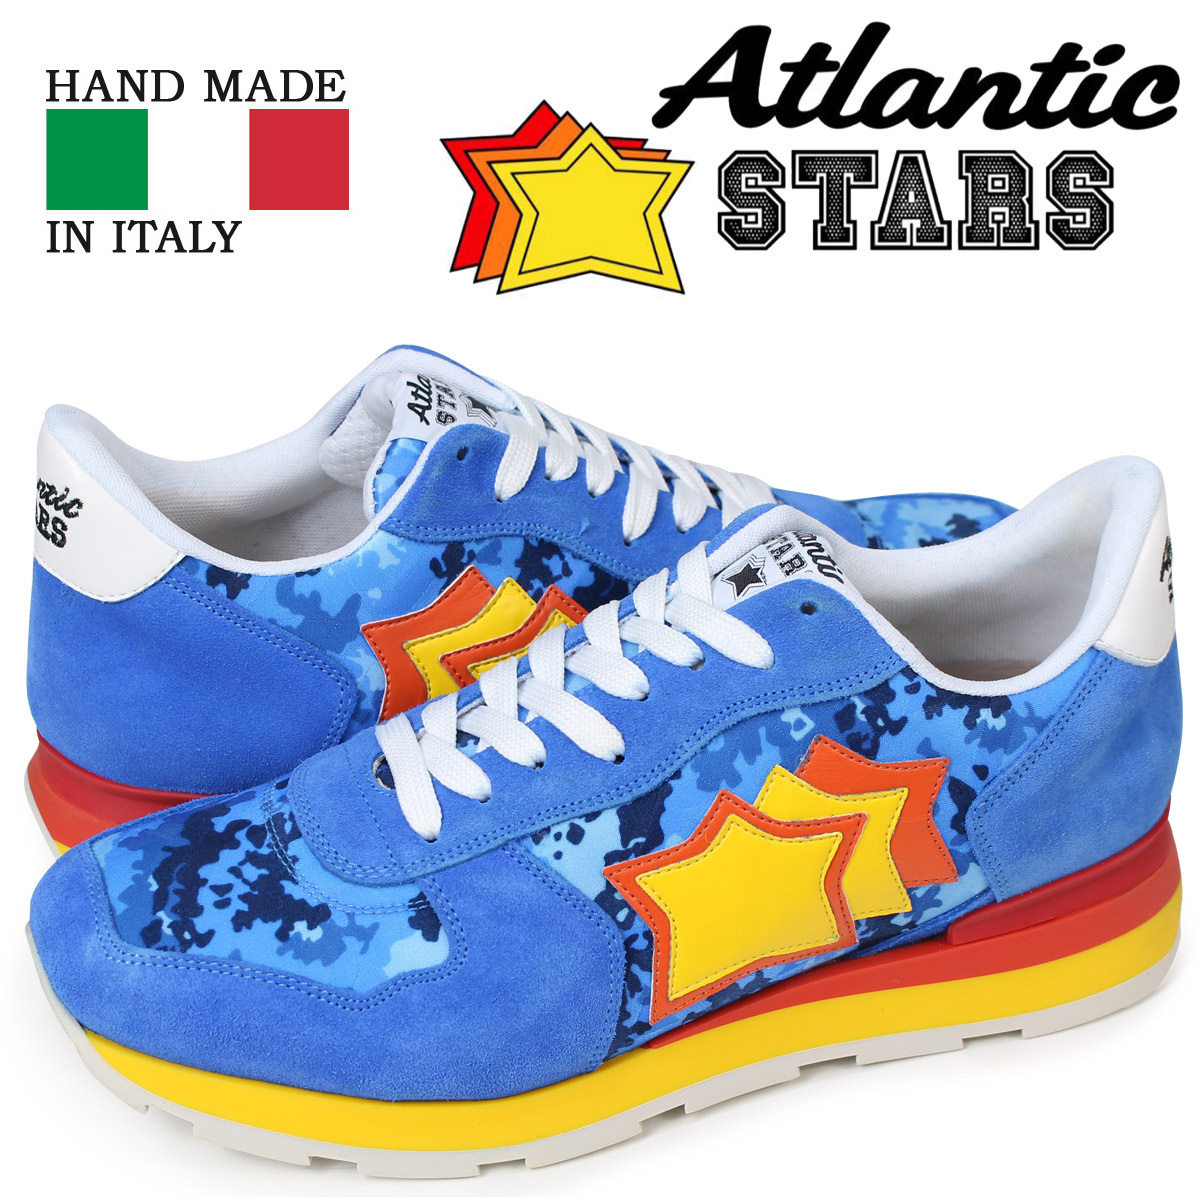 【最大2000円OFFクーポン】 アトランティックスターズ Atlantic STARS アンタレス スニーカー メンズ ANTARES ブルー AD-27R